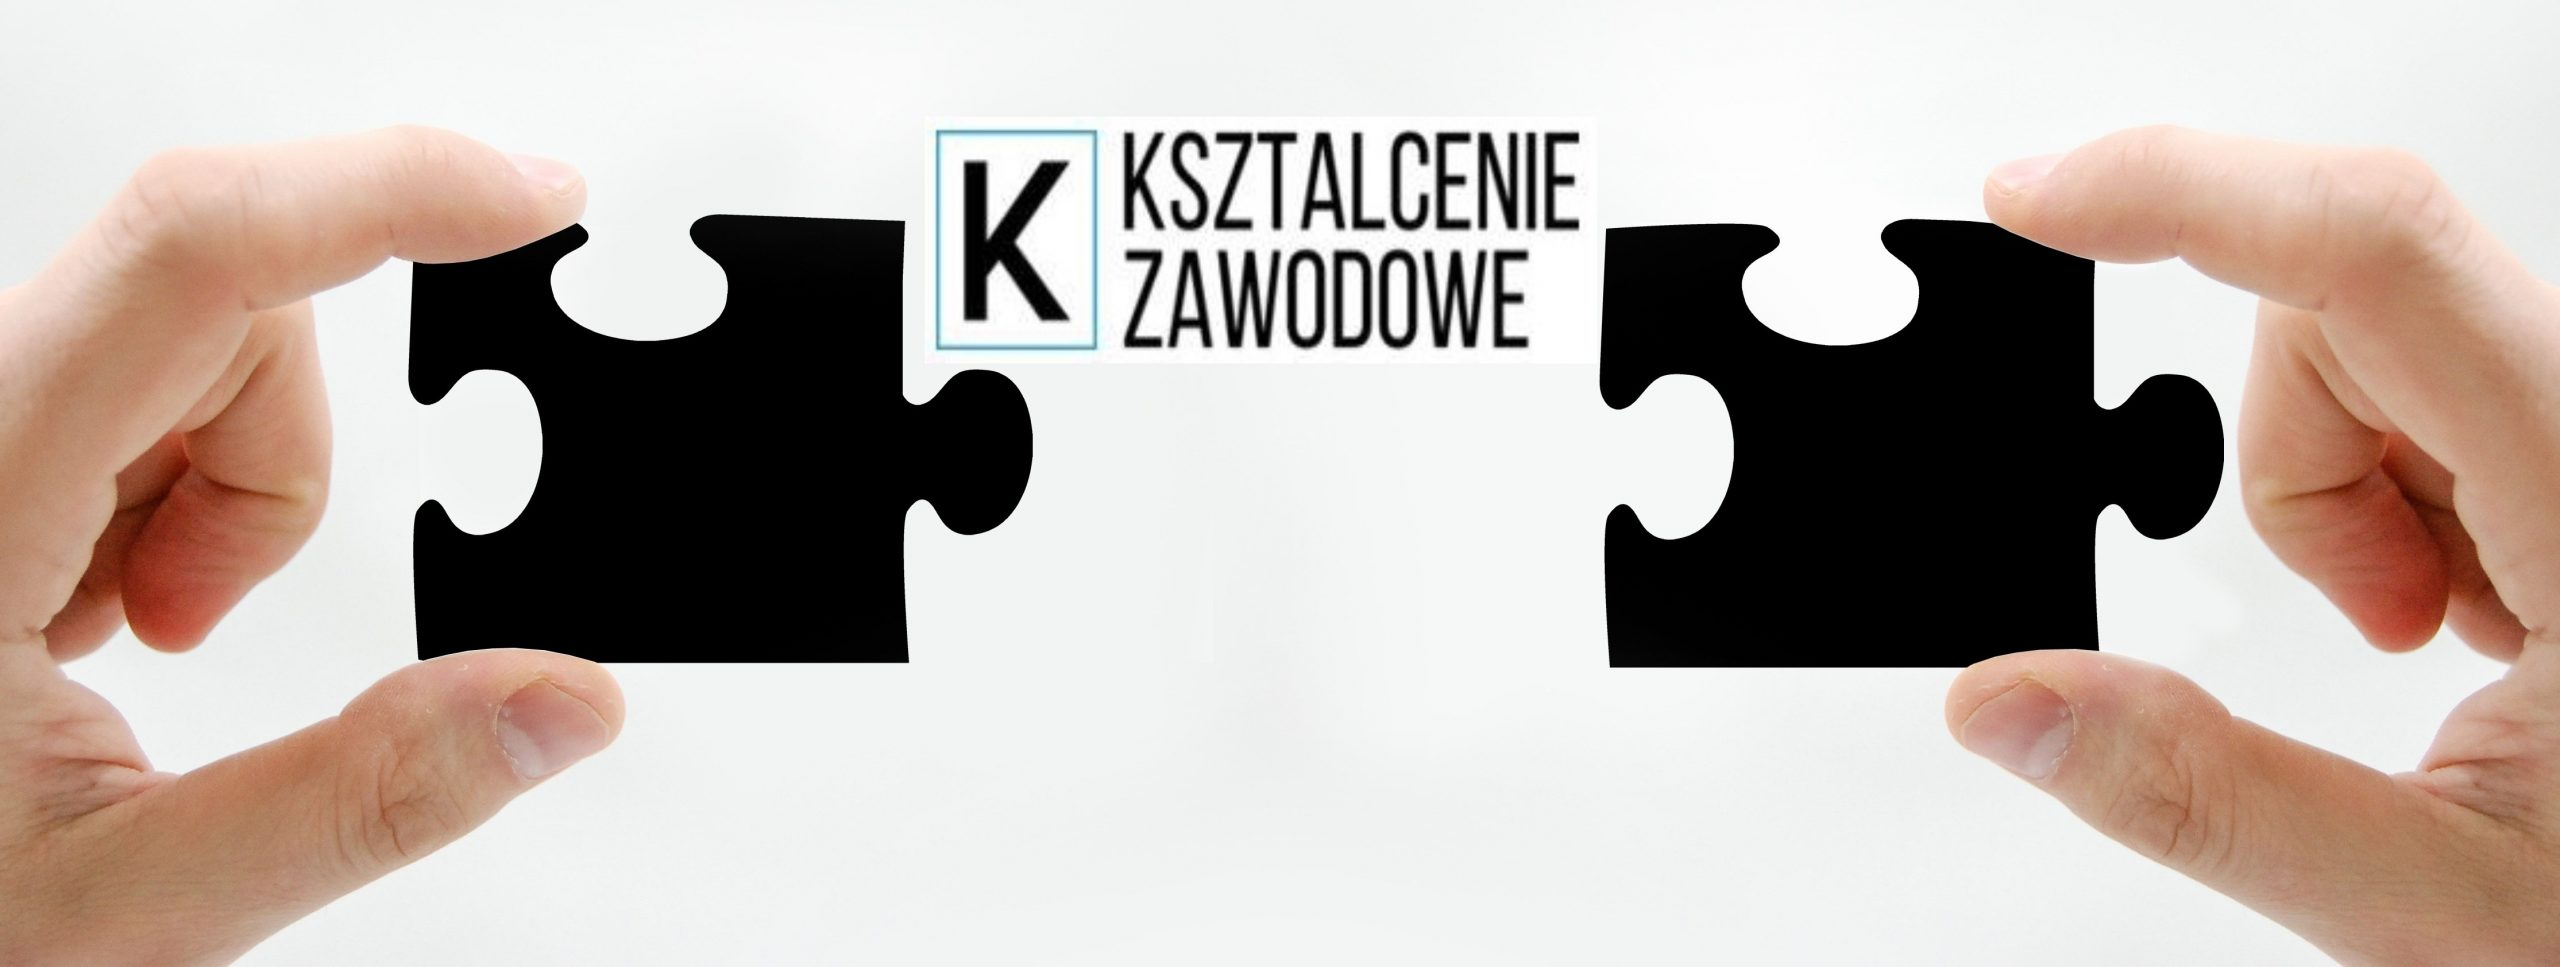 22hand-523231